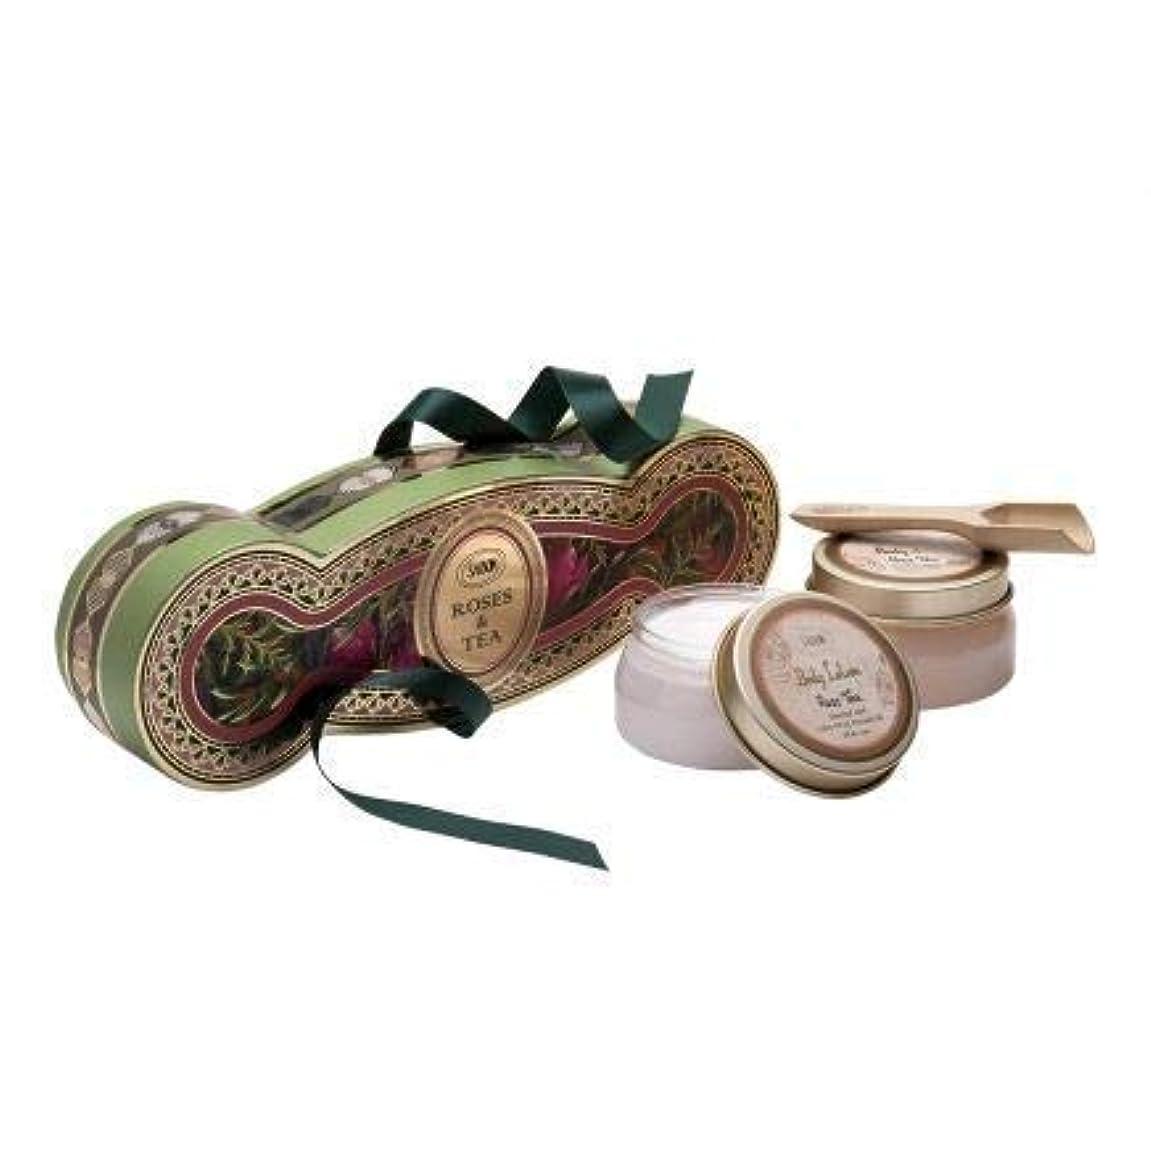 家禽ディレクター暴露するサボン コフレ ギフト ローズティー キット ボディスクラブ ボディローション ホワイトデー SABON Rose Tea kit コレクション